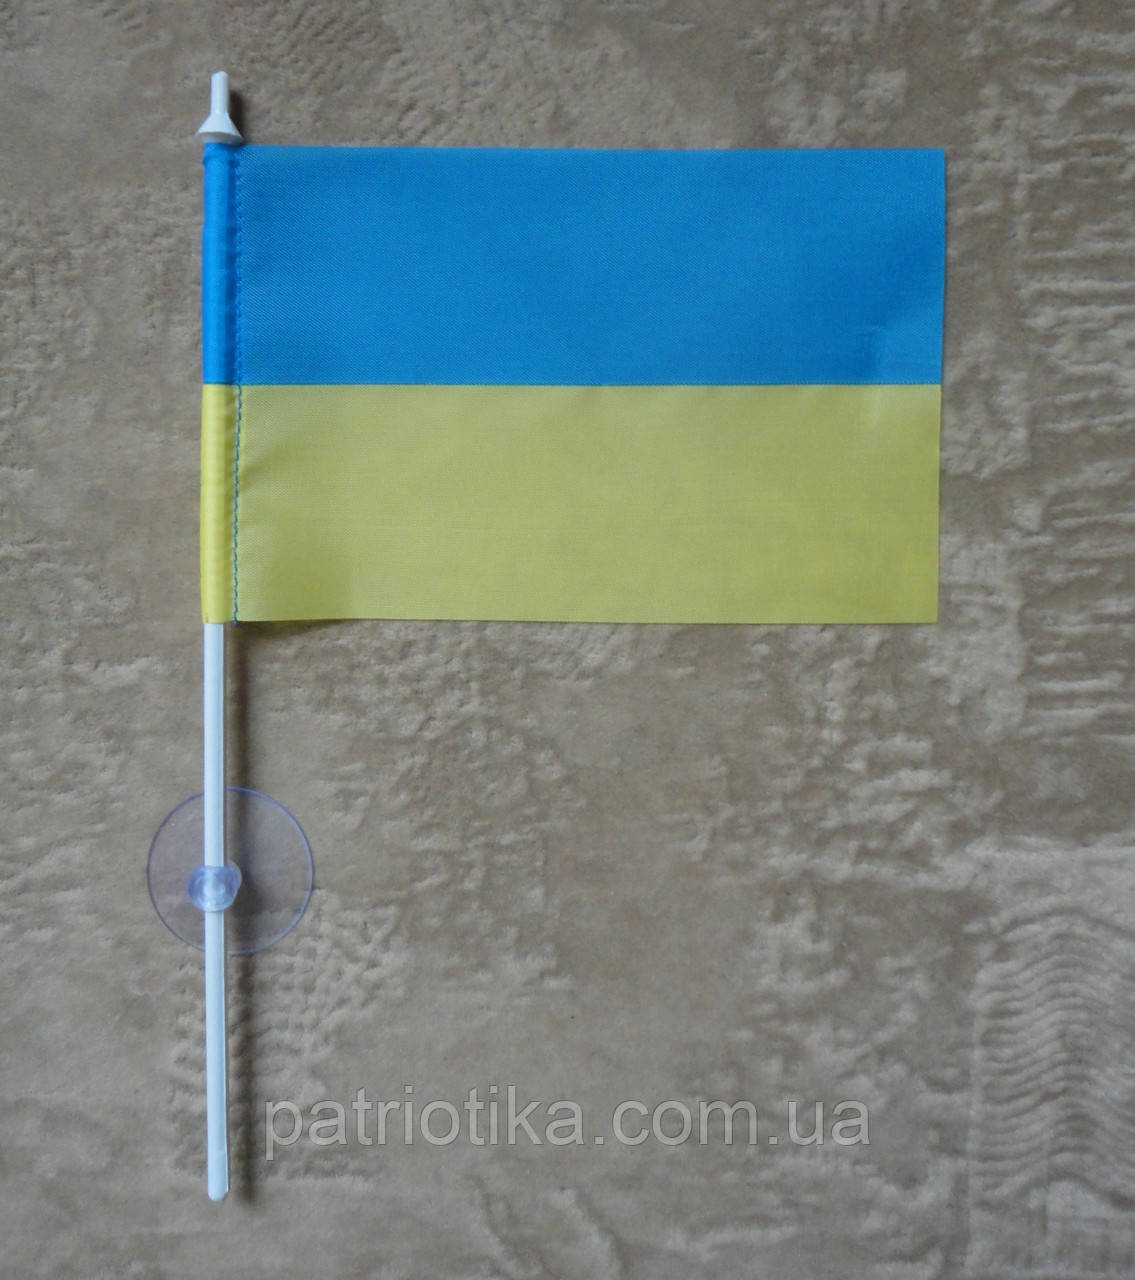 Флажок Украины | Прапорець України 8х12 см атлас